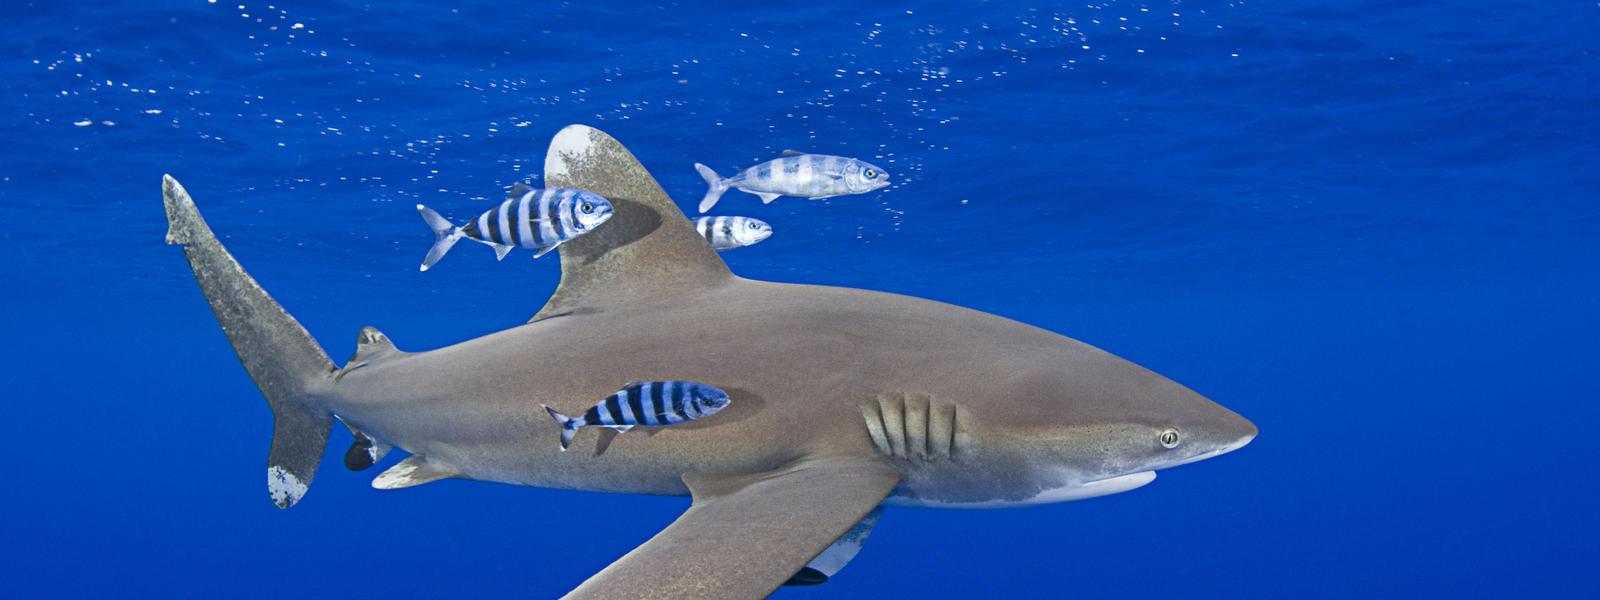 Uncategorized Shark Picture shark species wwf whitetip shark